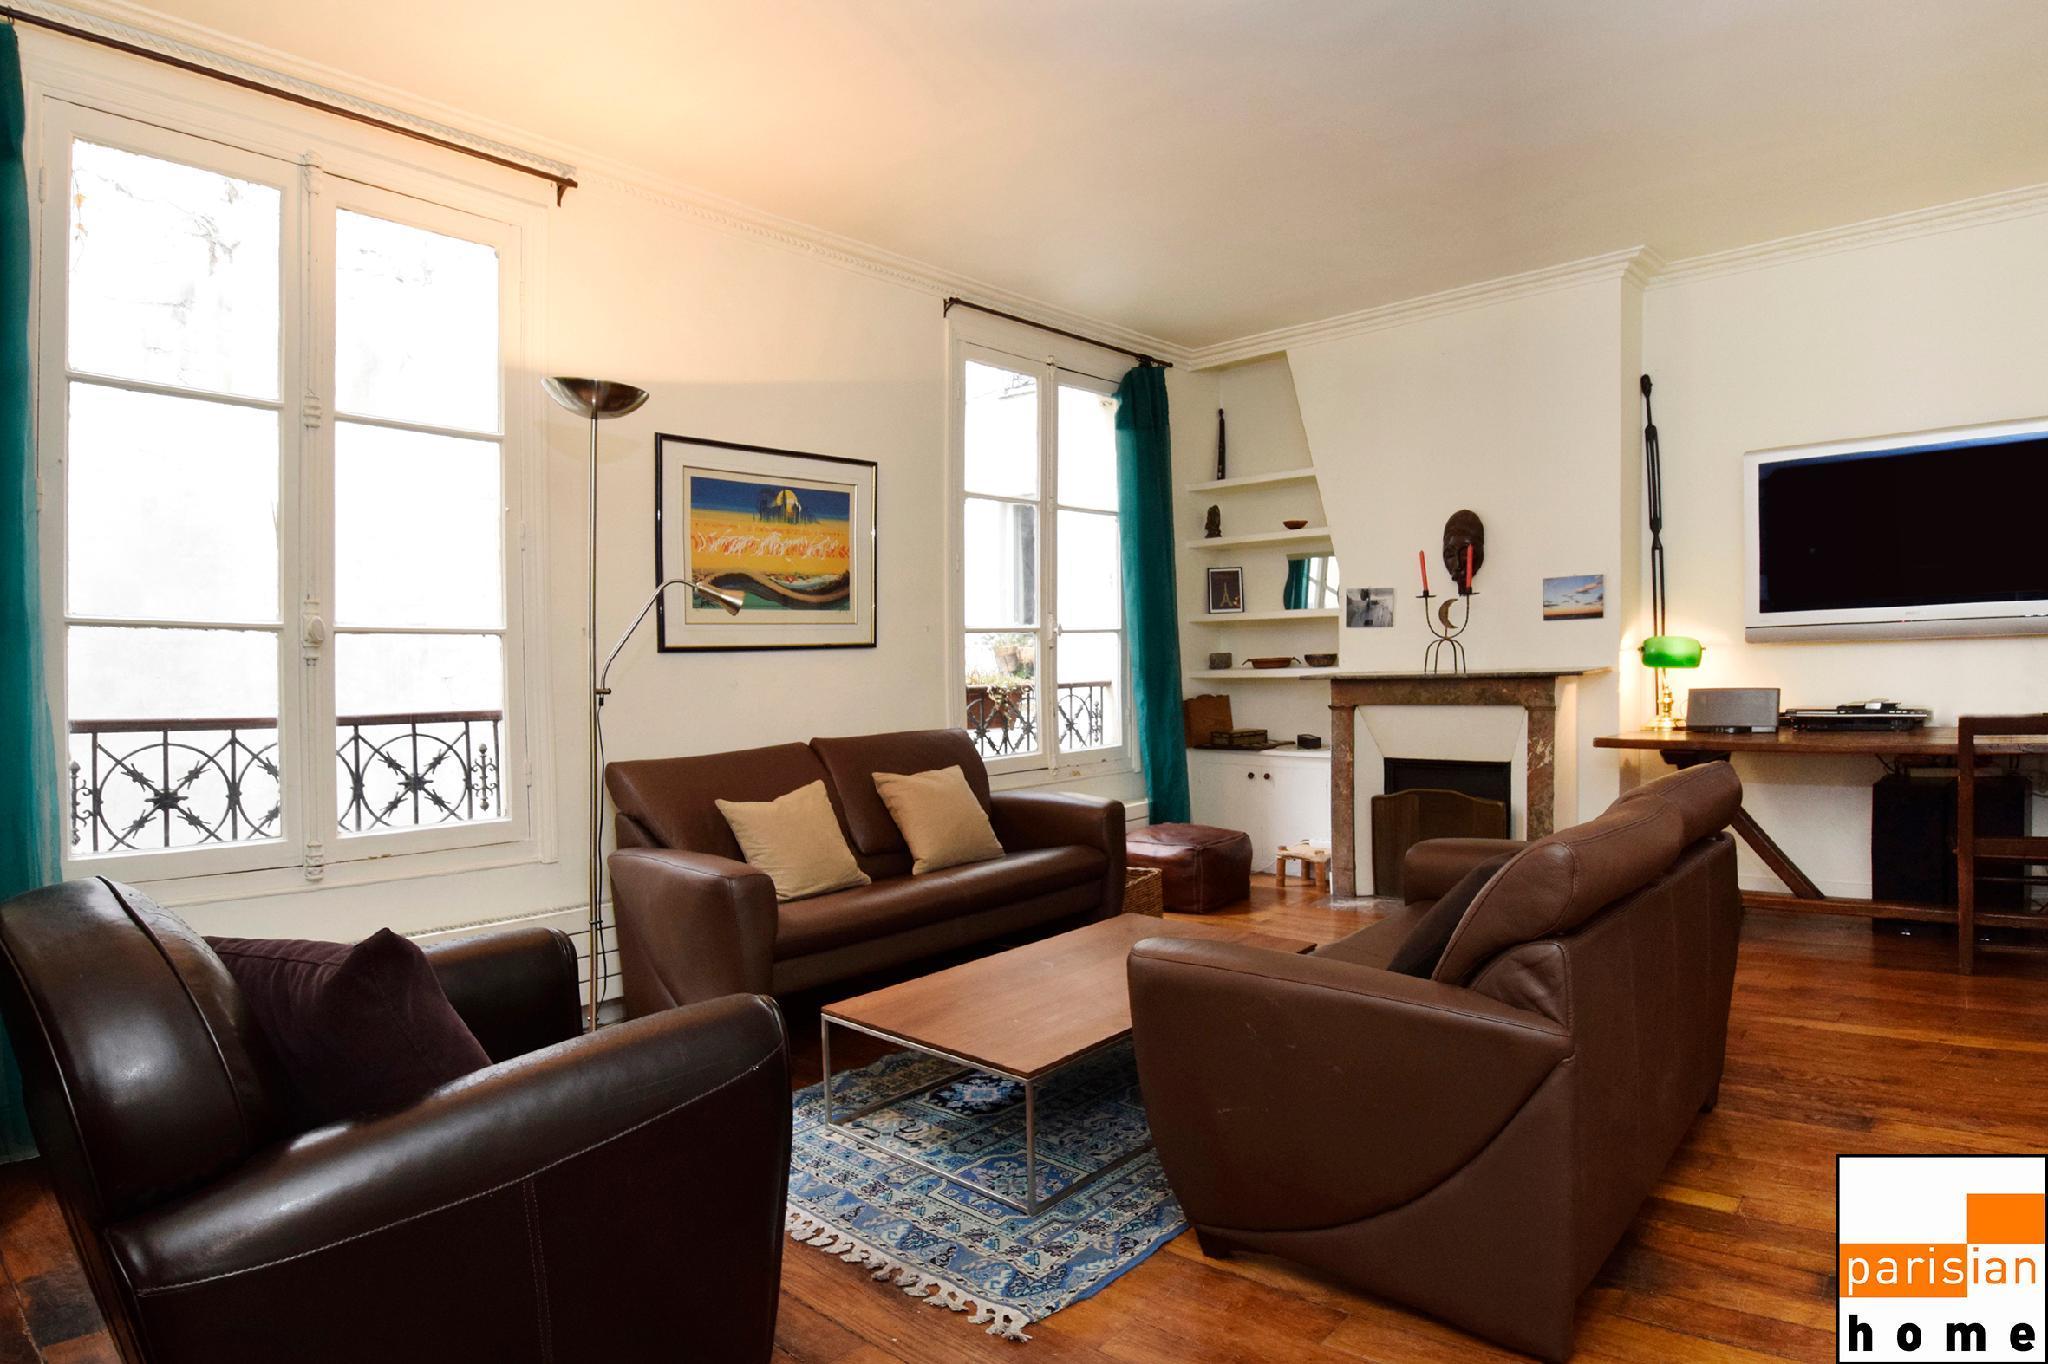 402031 - Grand et bel appartement dans le centre de Paris